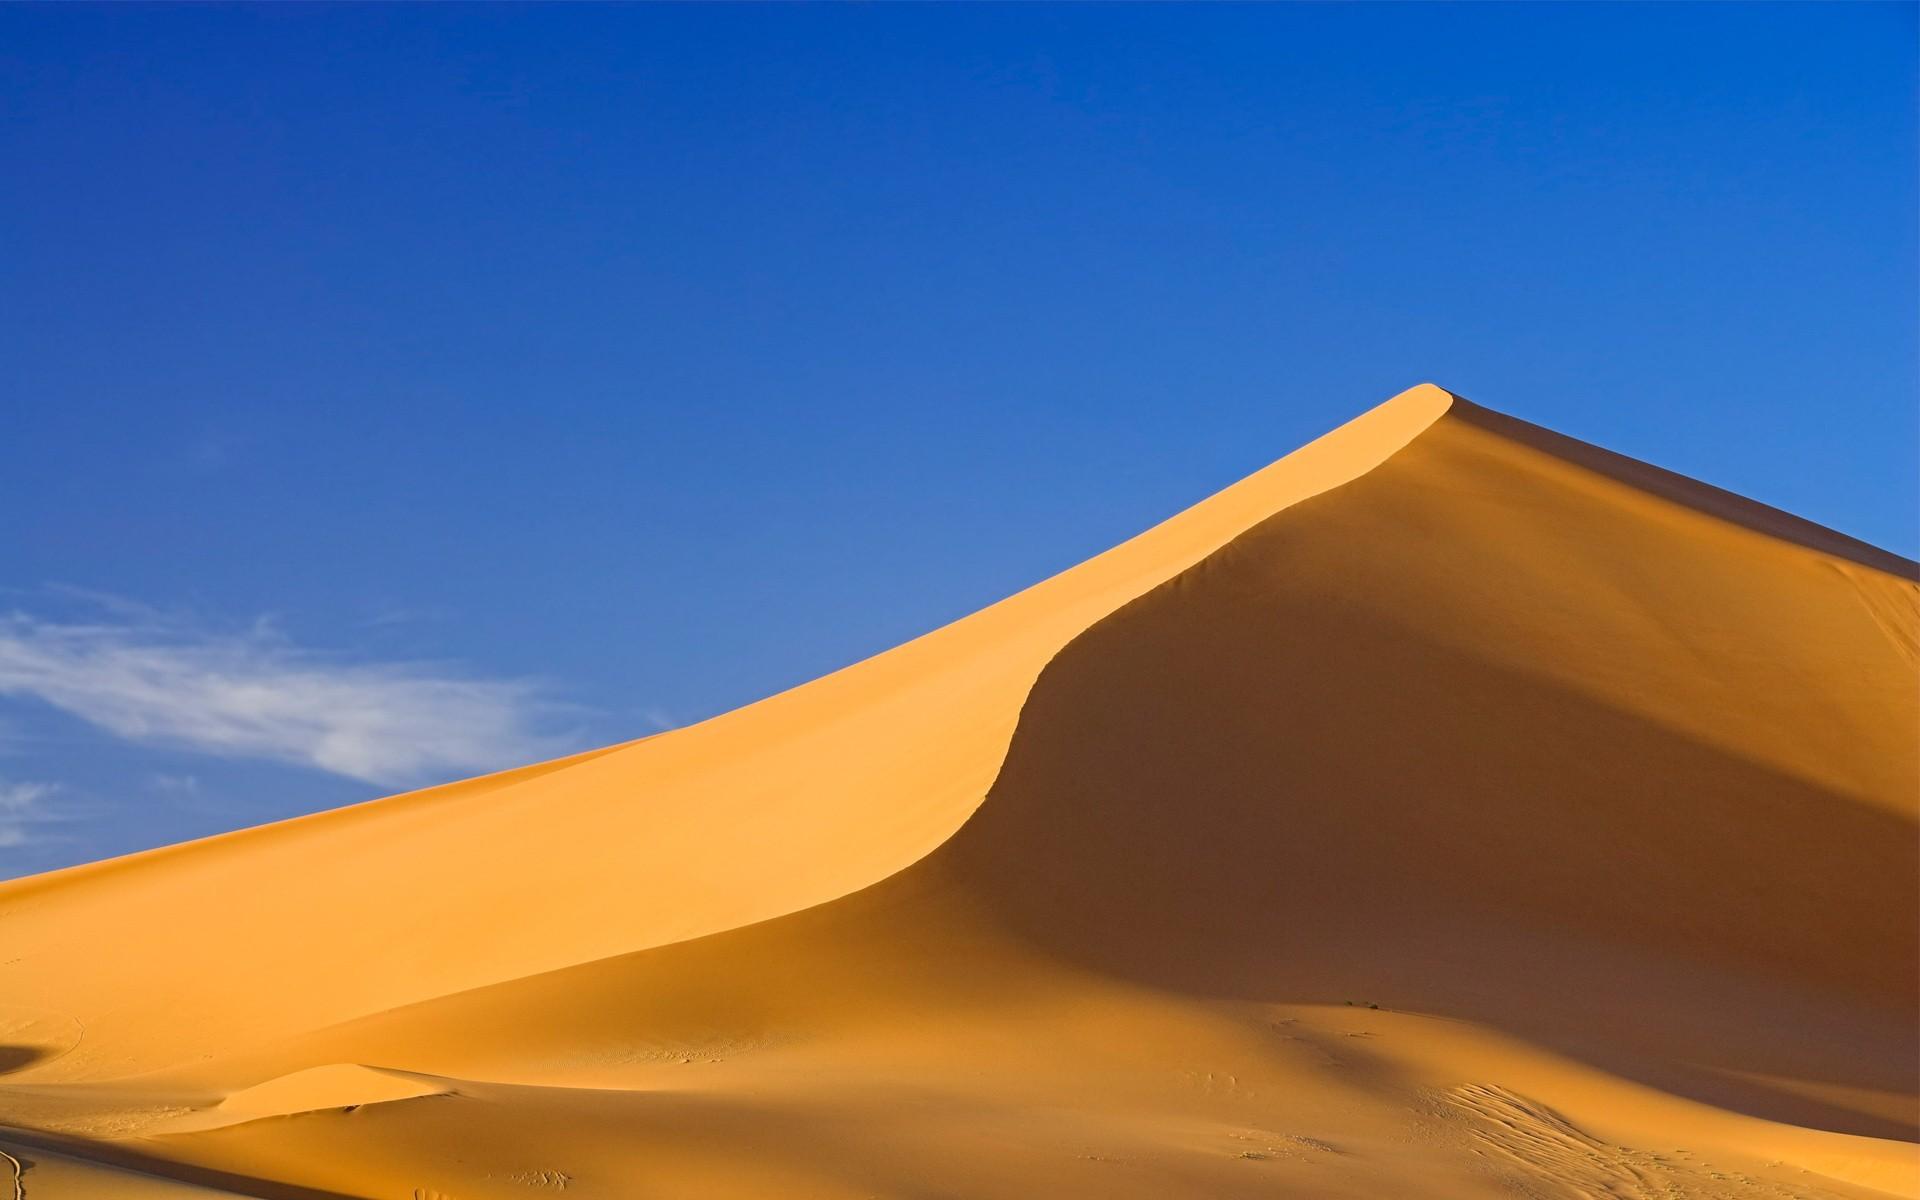 Пустынные холмы  № 1912685 загрузить